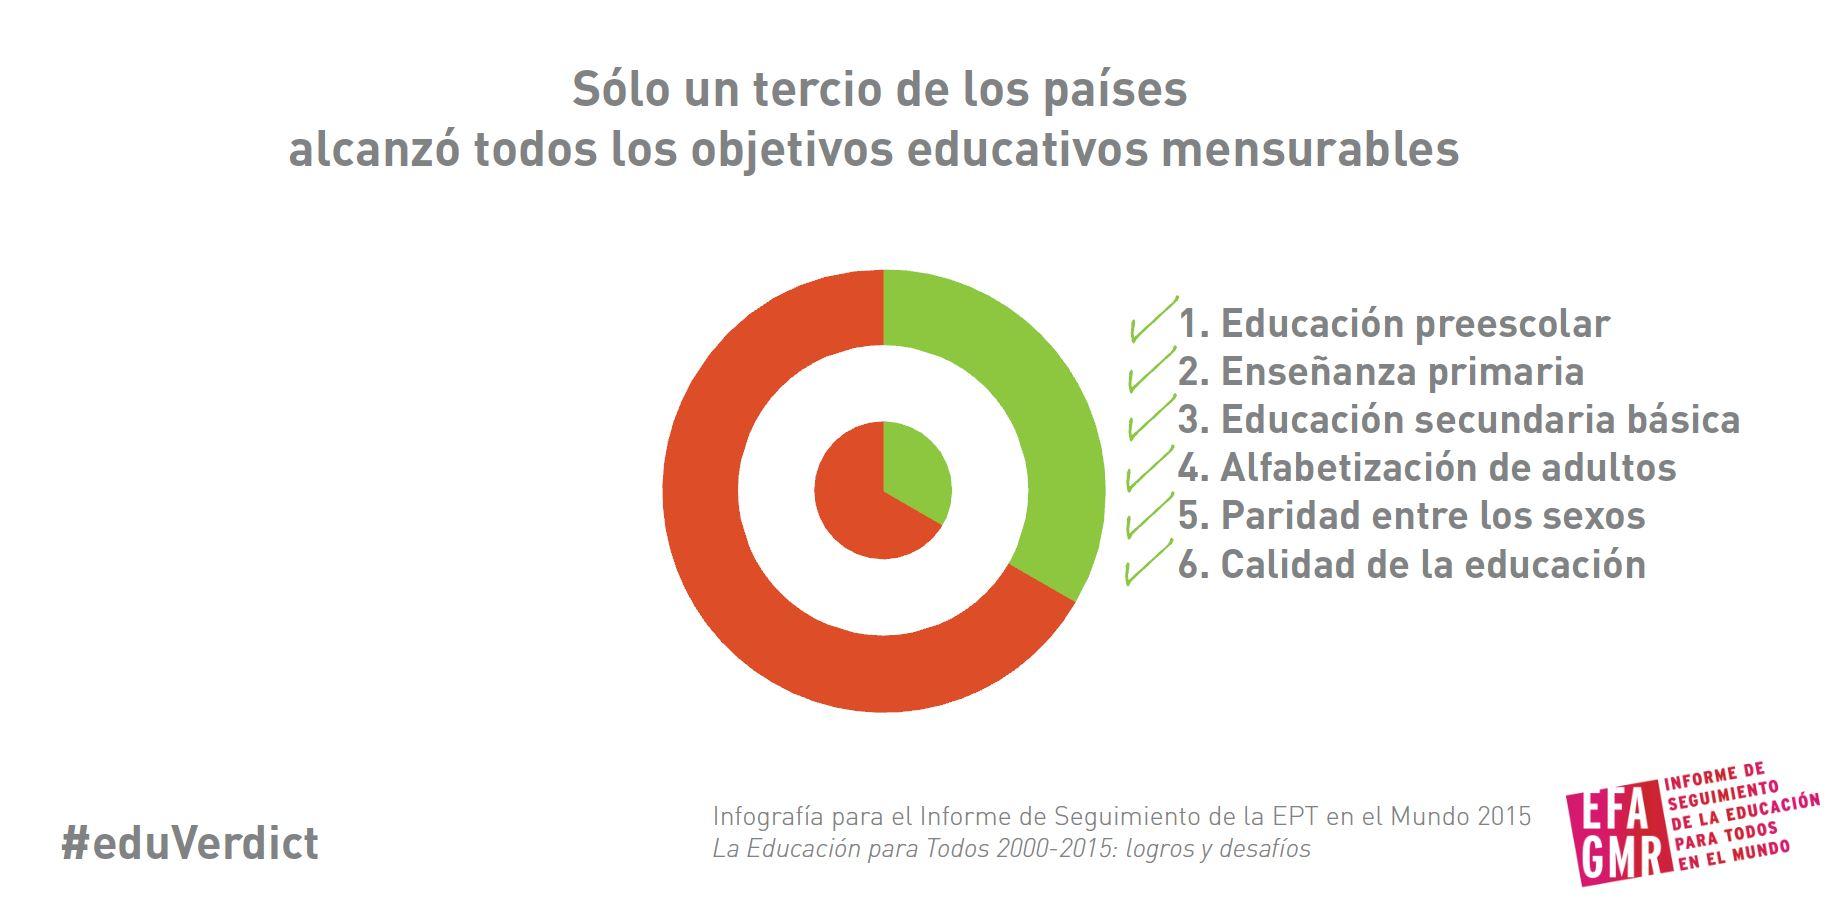 Sólo un tercio de los países alcanzó todos los objetivos educativos mensurables